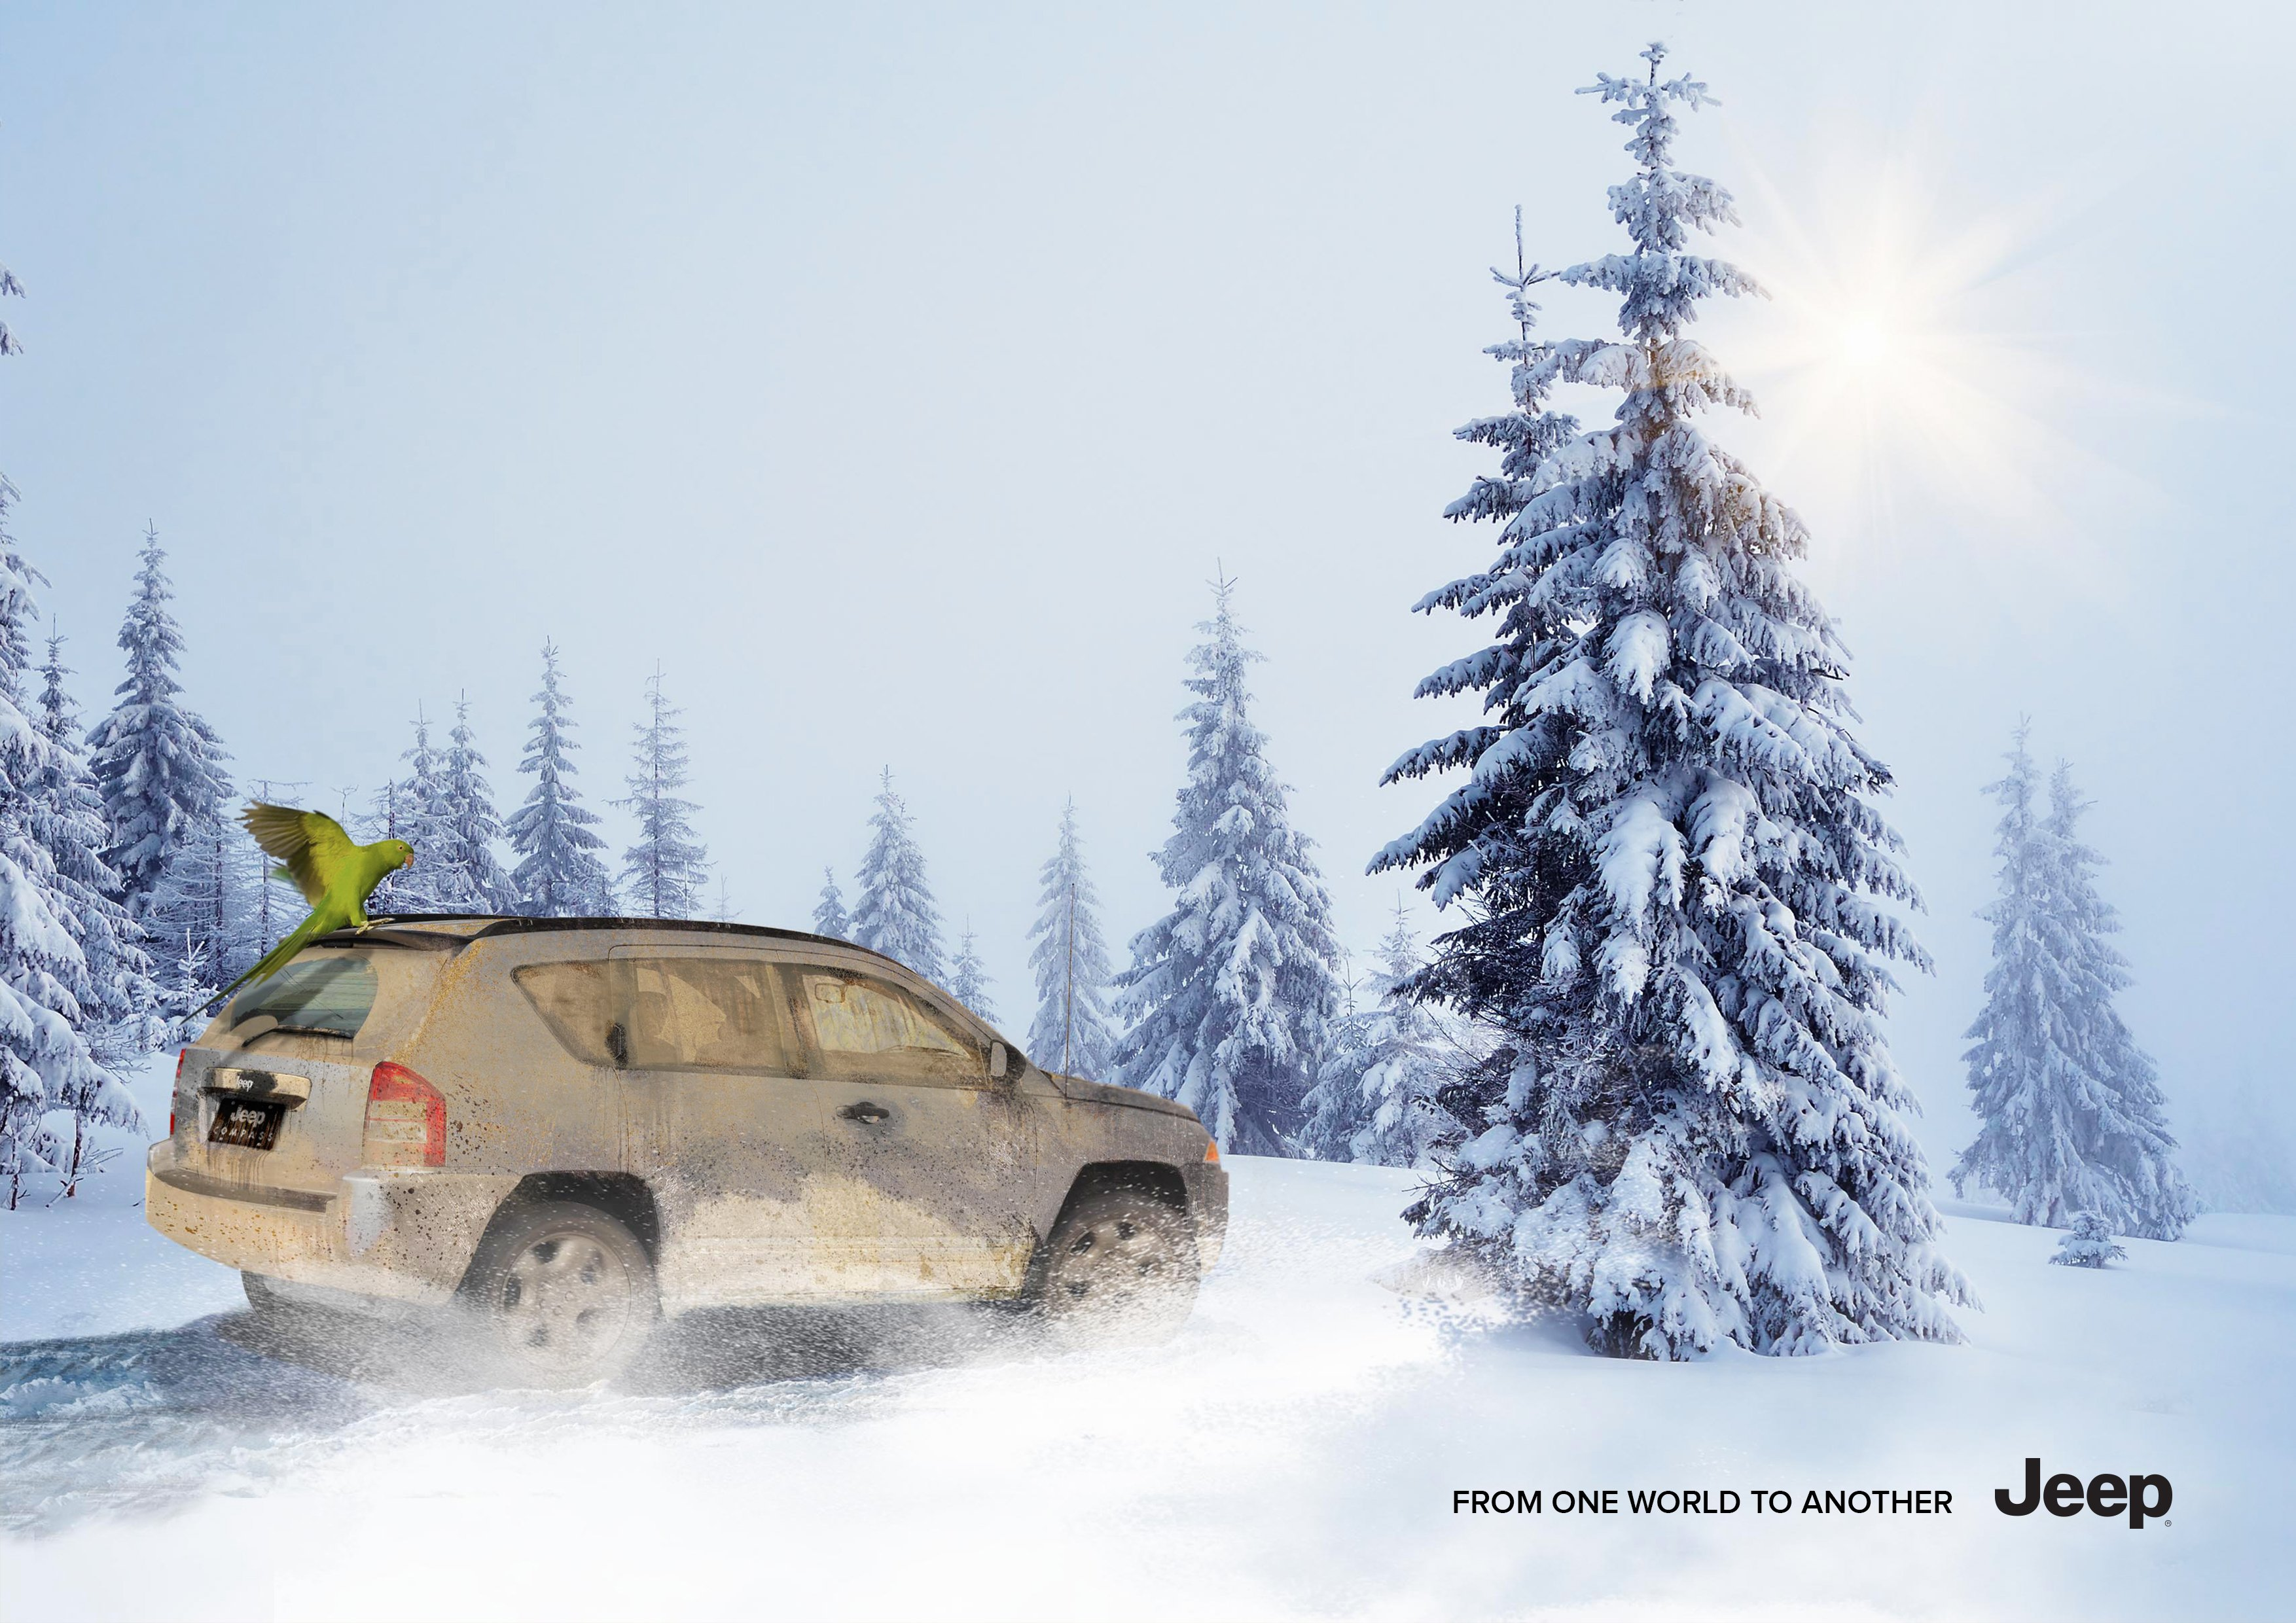 Bon courage aux Parisiens : les 80 publicités les plus créatives sur la Neige #neigeparis 43